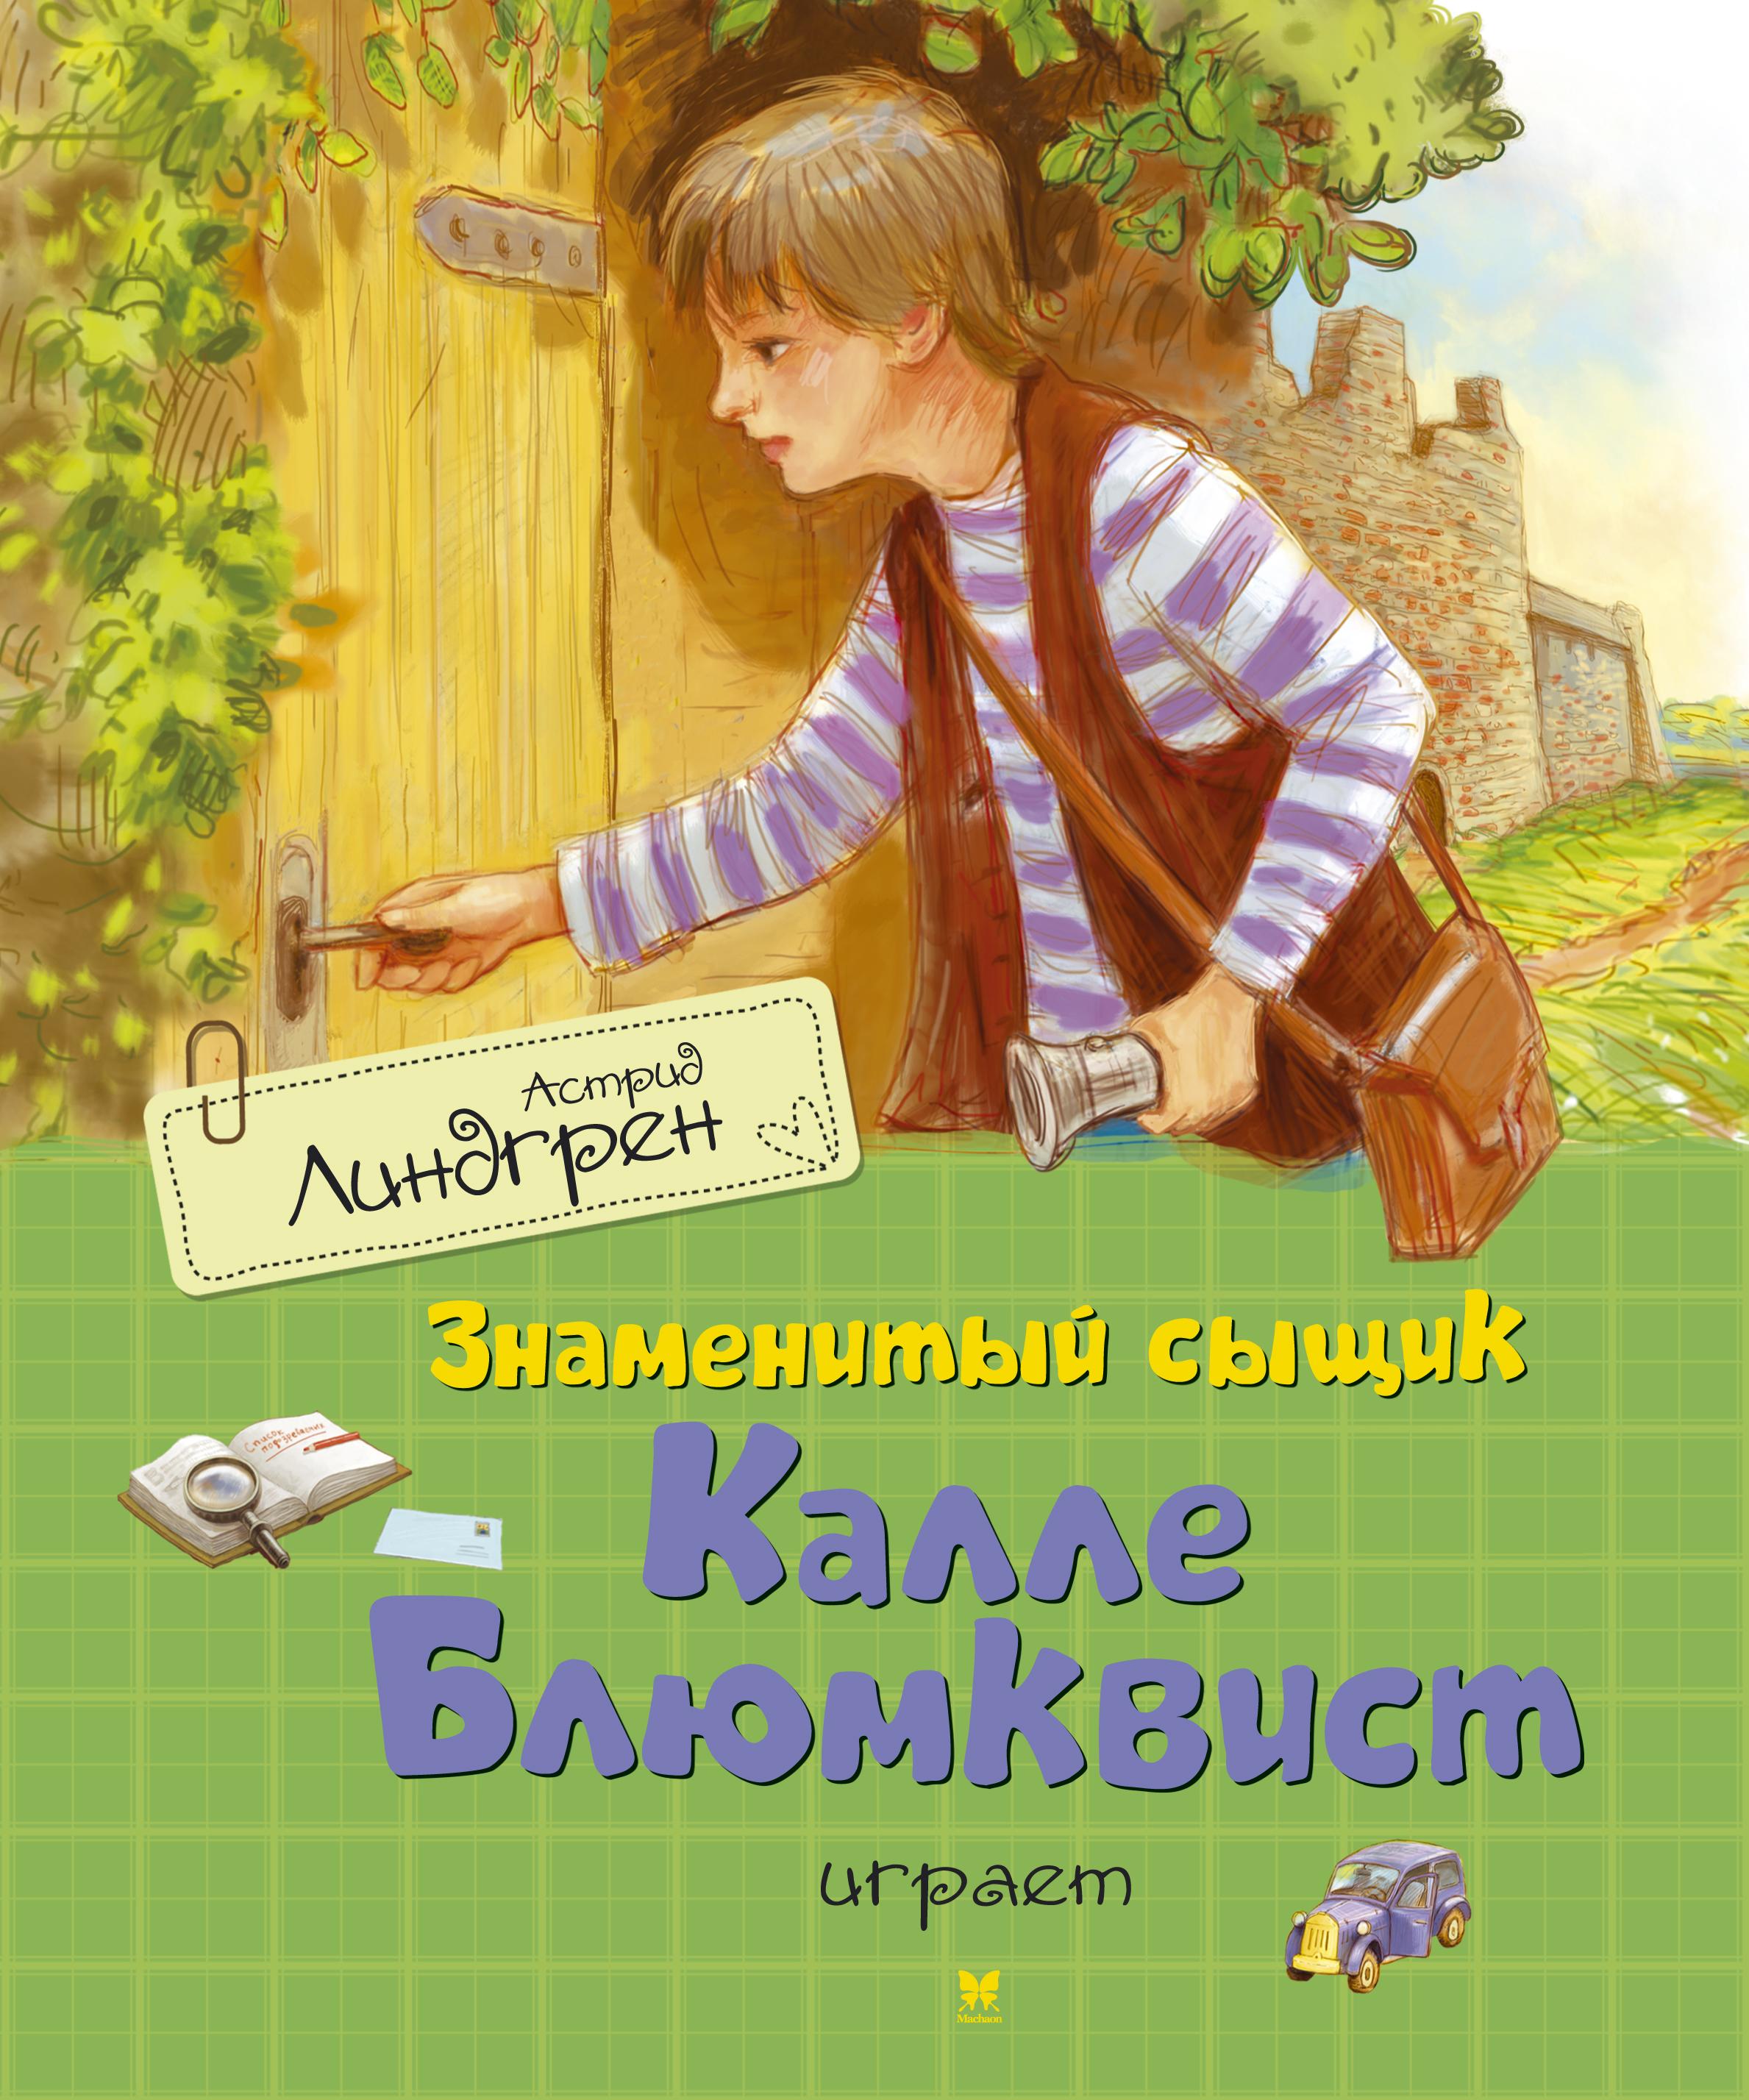 Книга купить приключения калле блюмквиста